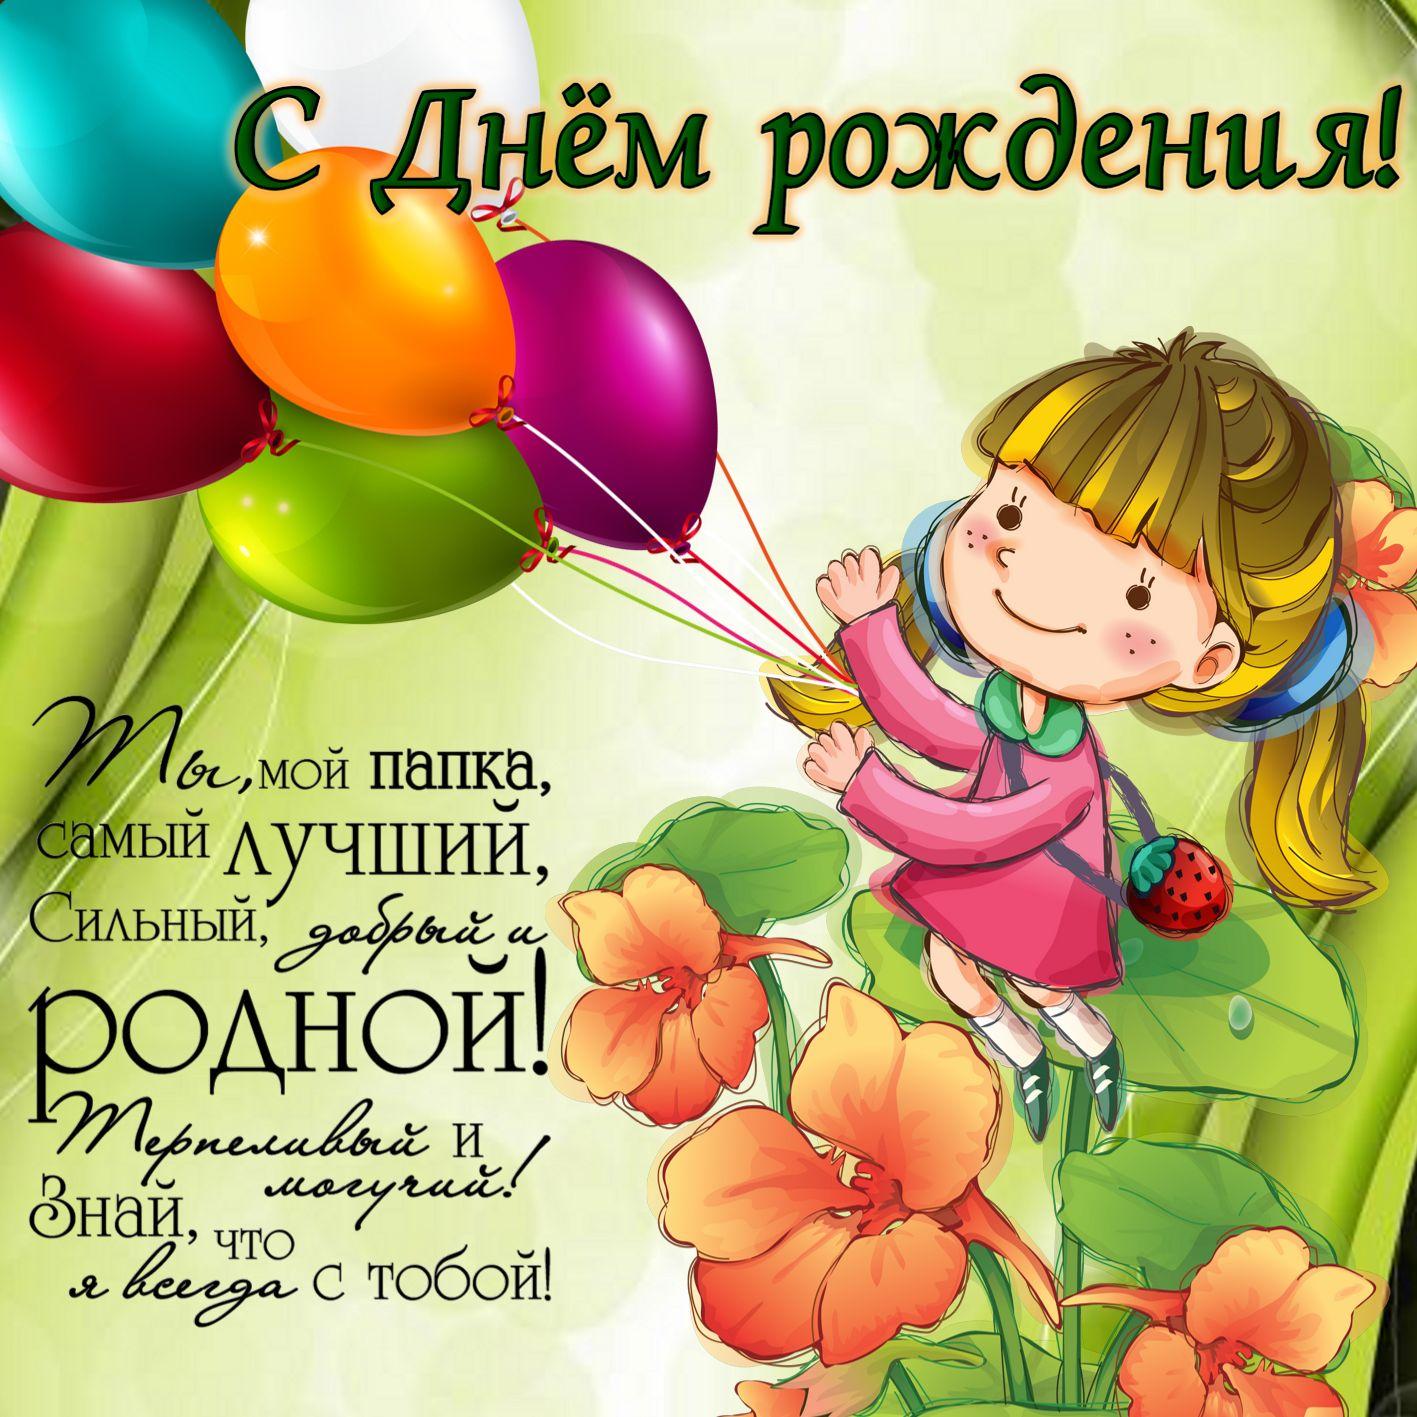 Поздравления с днем рождения любимого папули